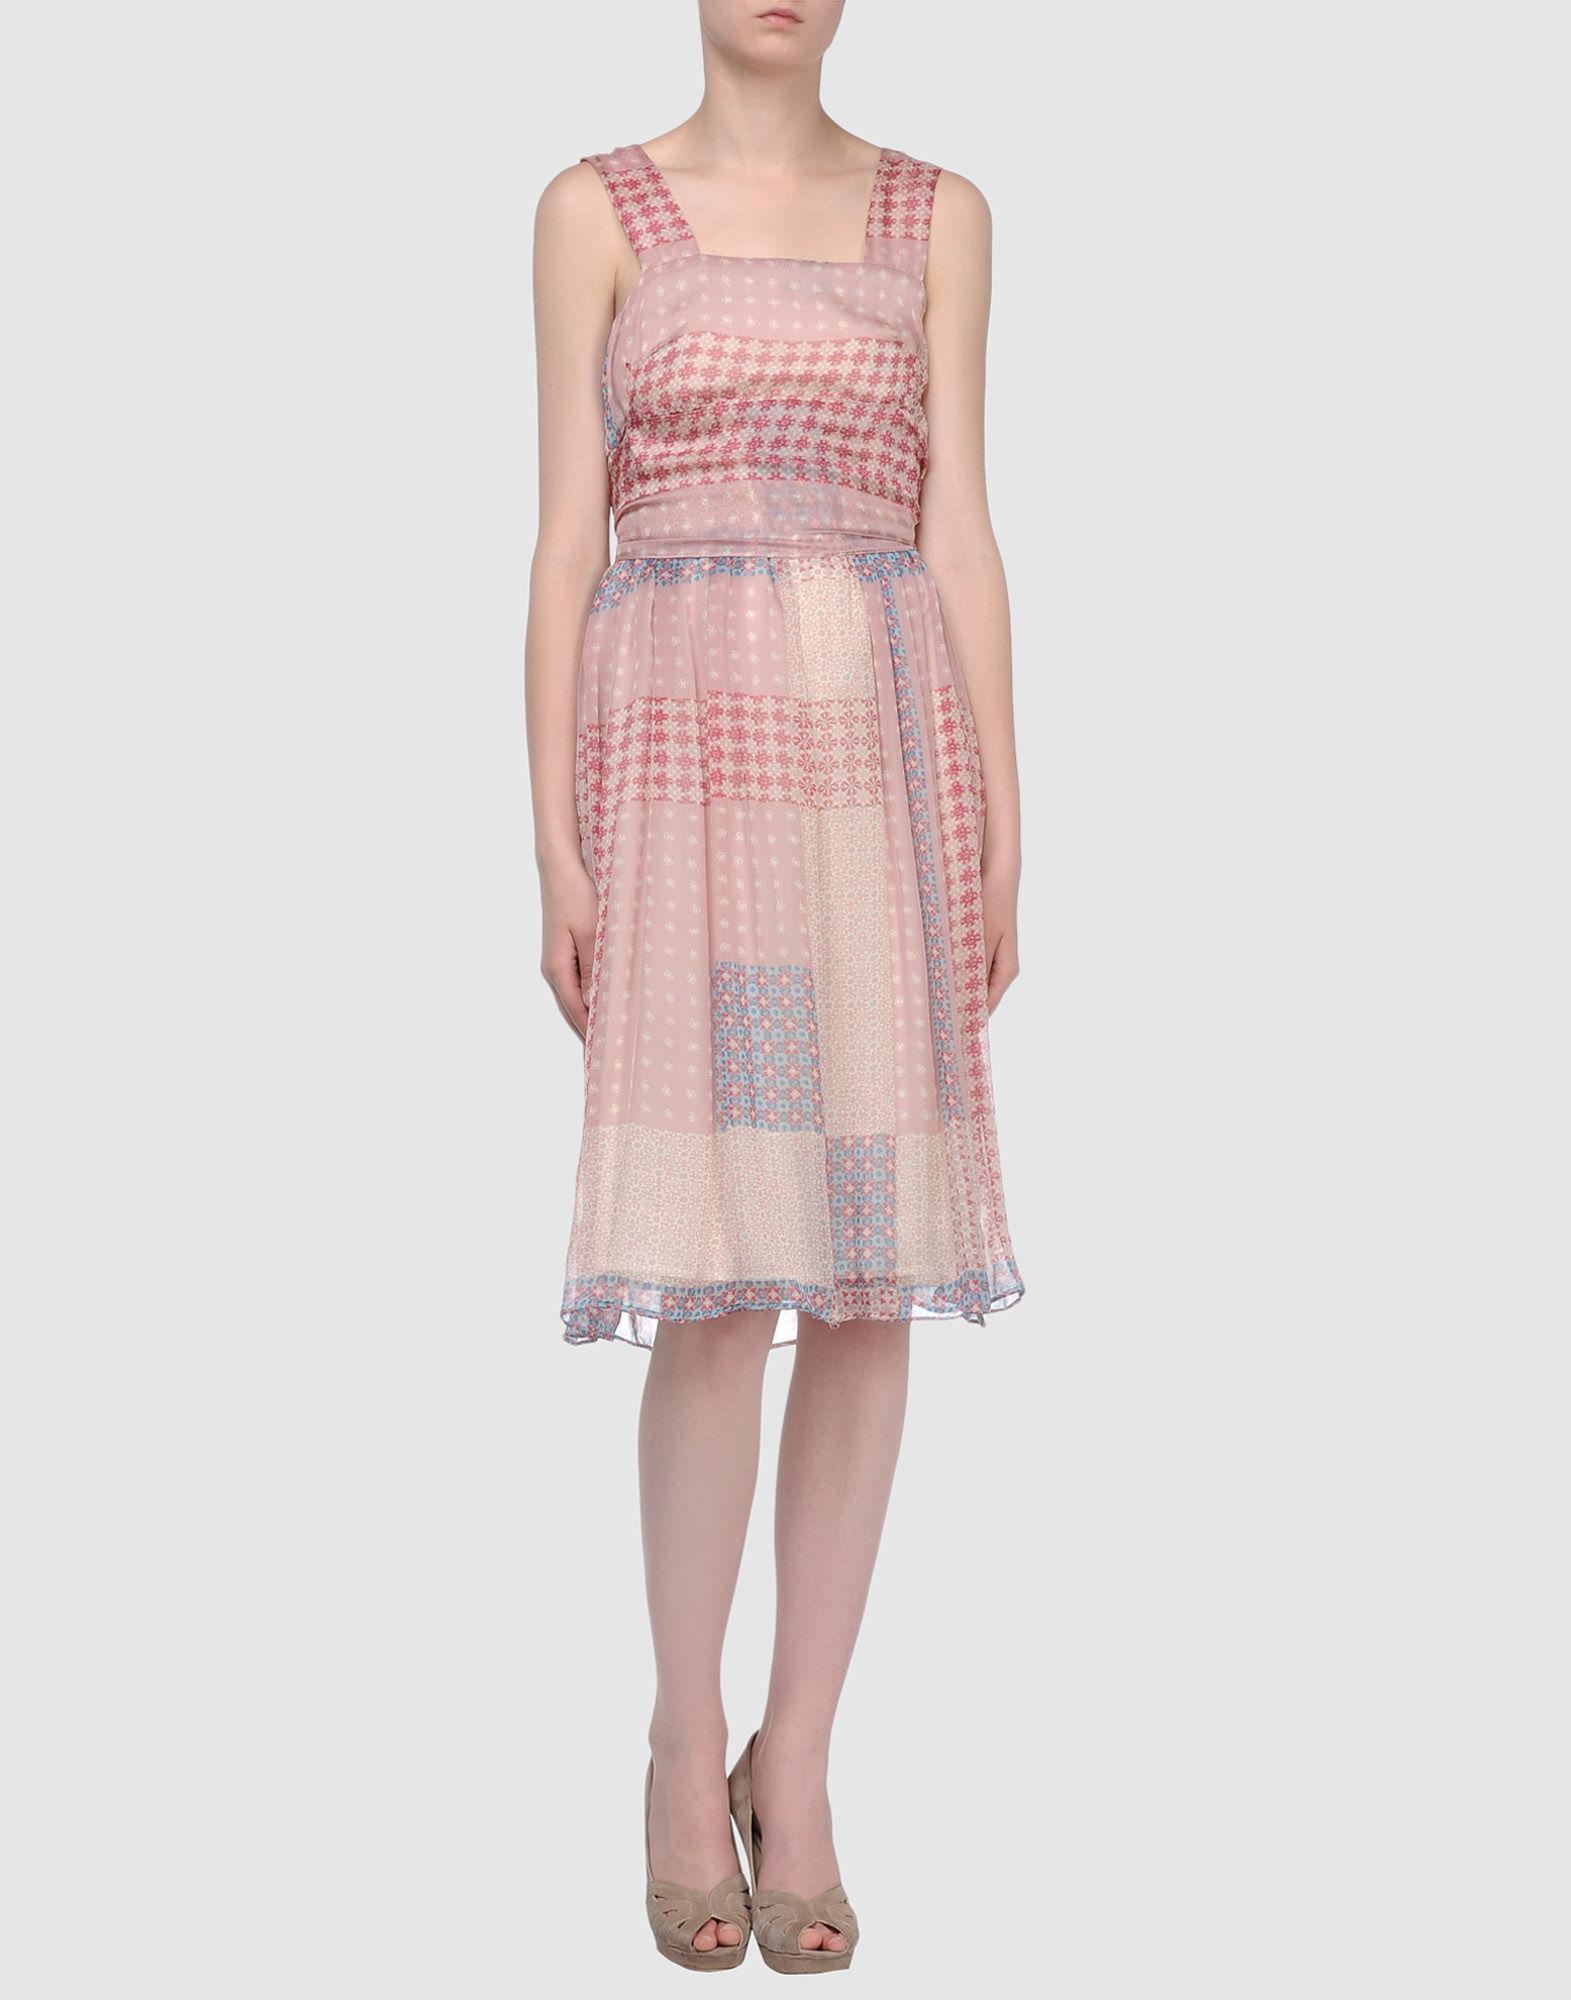 Βραδυνα Φορεματα Max Mara WEEKEND 2012 Κωδ.24 7423a7dbdd5